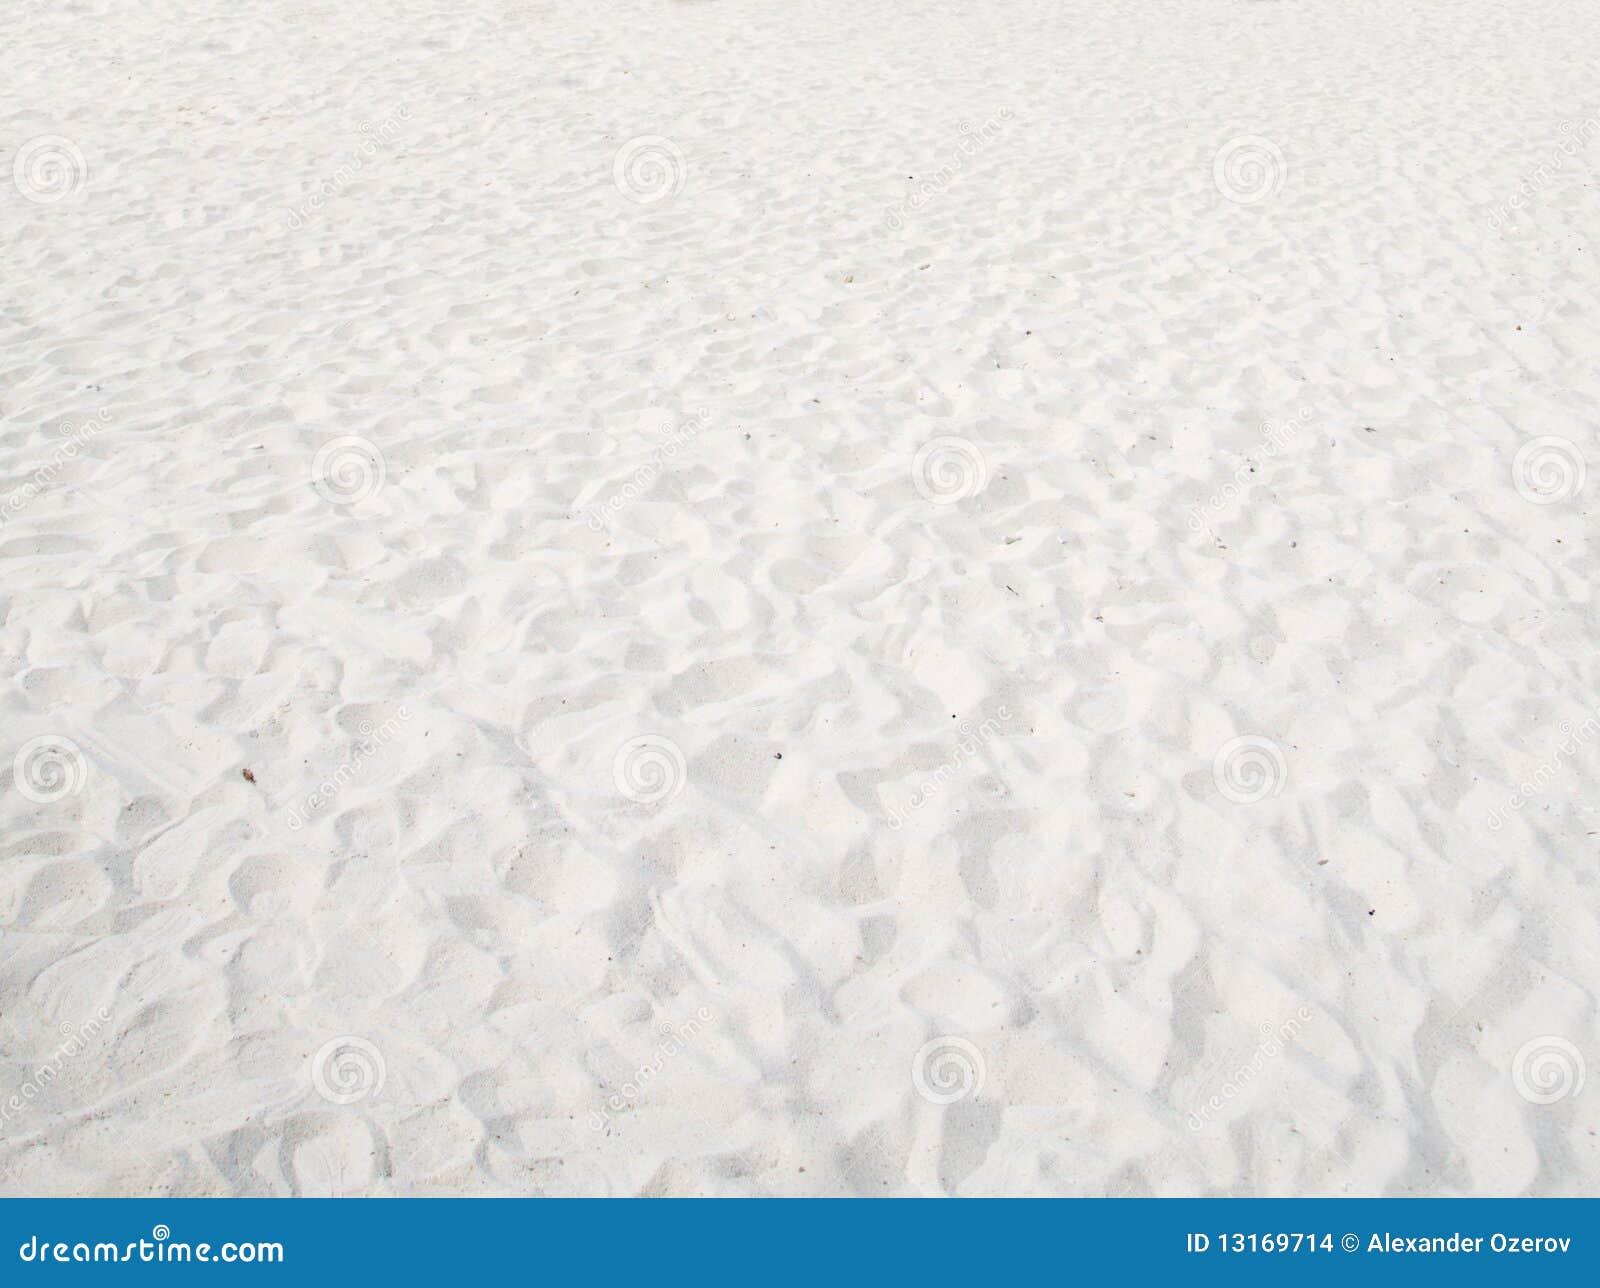 Fondo blanco de la arena